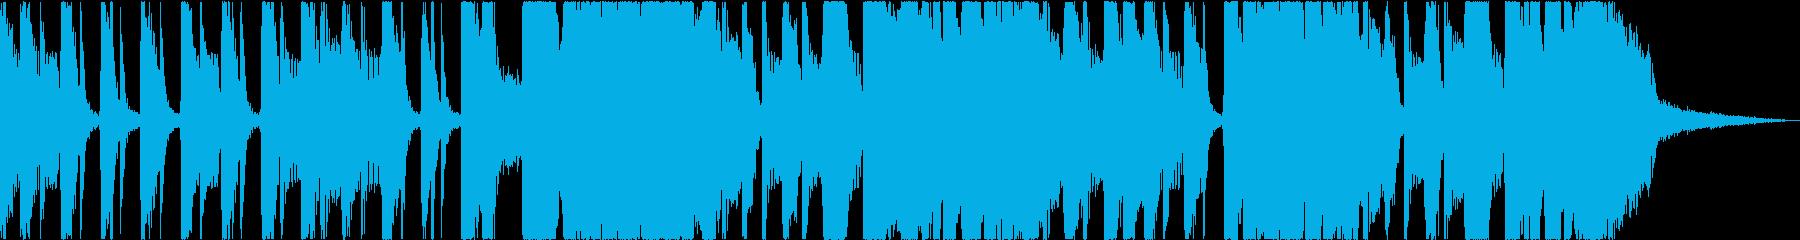 【20秒】軽快スカ風/ラジオCM用の再生済みの波形